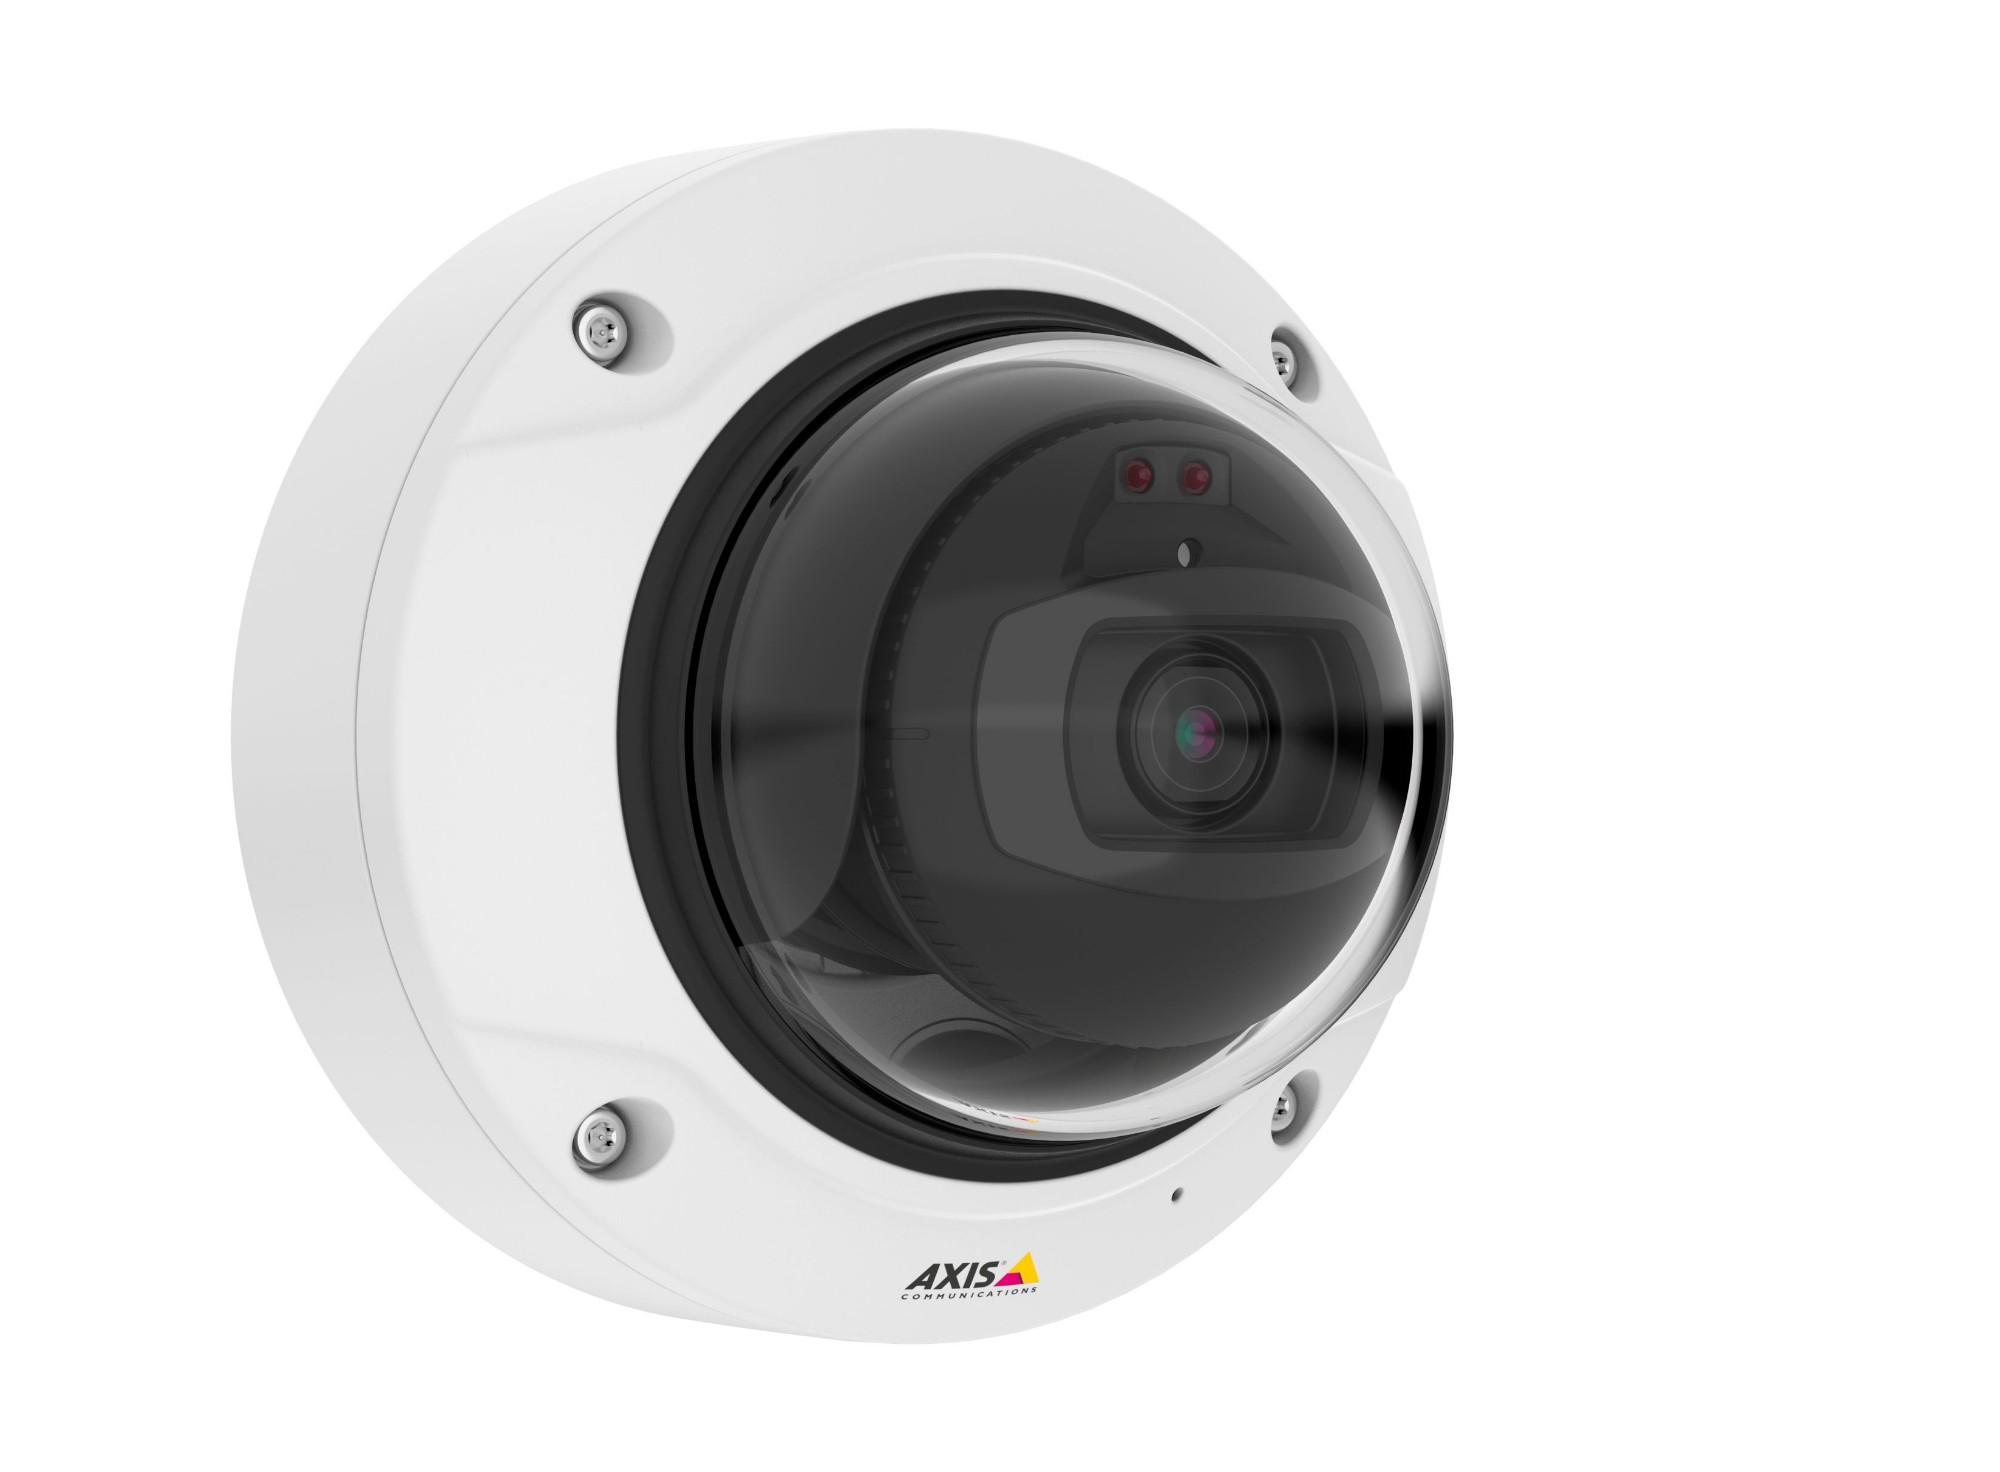 Axis Q3515-LV Cámara de seguridad IP Interior y exterior Almohadilla Techo 1920 x 1080 Pixeles